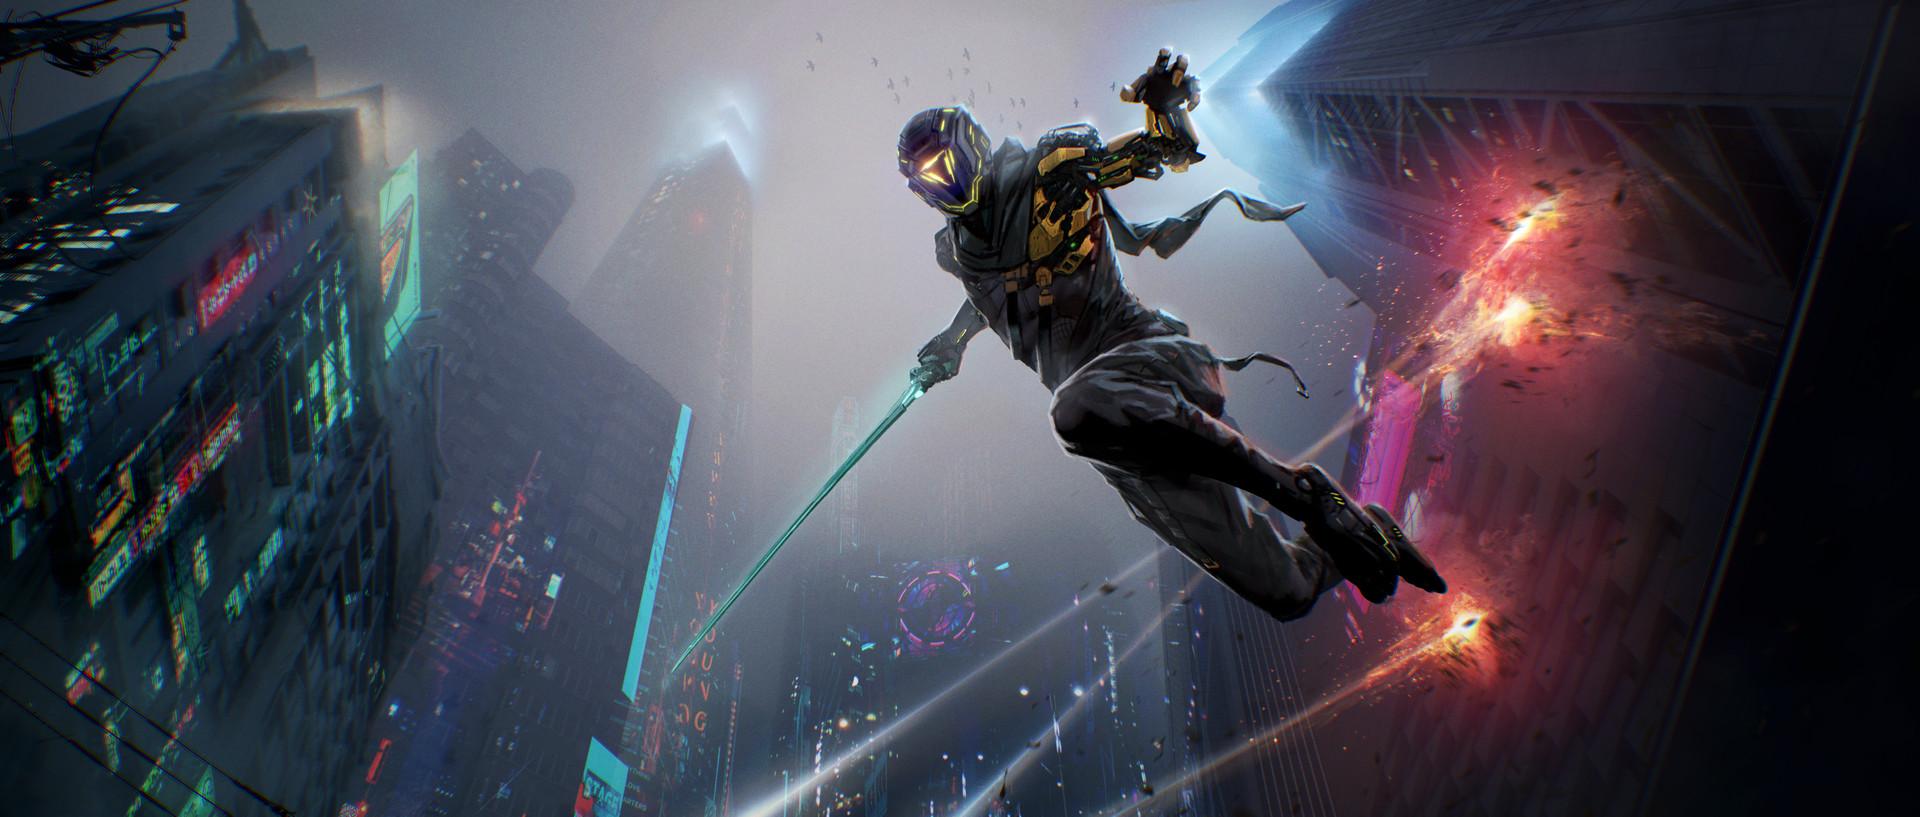 Ghostrunner confirma su fecha de lanzamiento en un nuevo tráiler 2